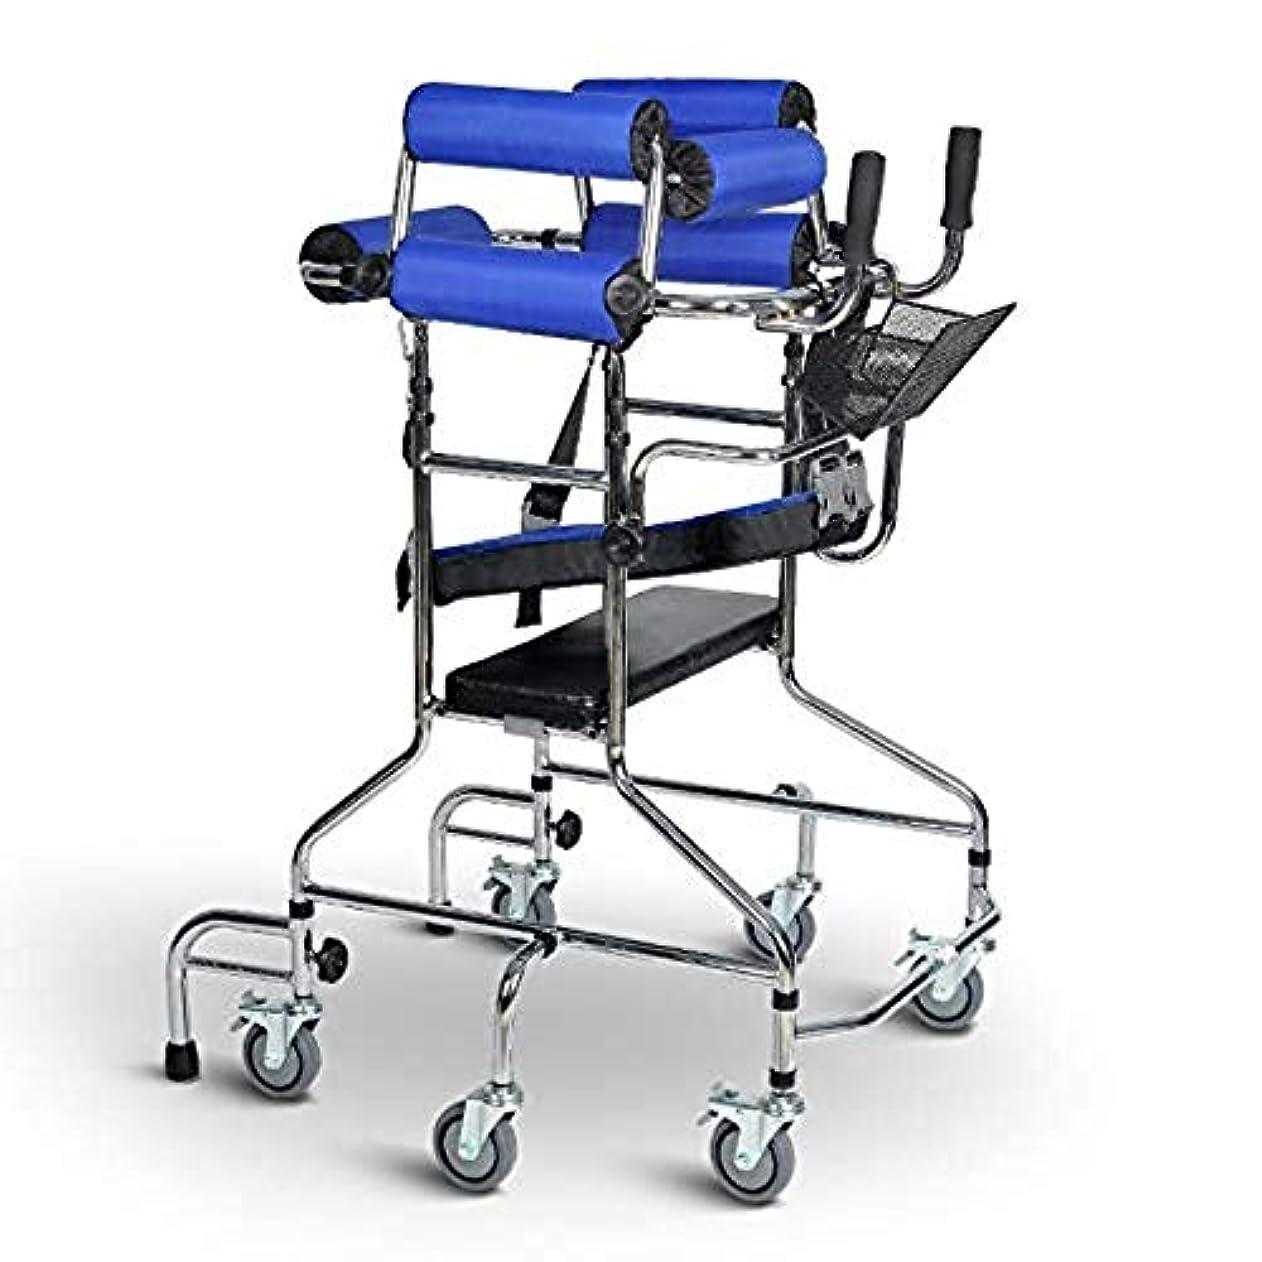 ルネッサンス襲撃深遠滑車の大人の歩行フレームの歩行者、高齢者の歩行者の訓練装置は下肢の歩行フレームを助けました